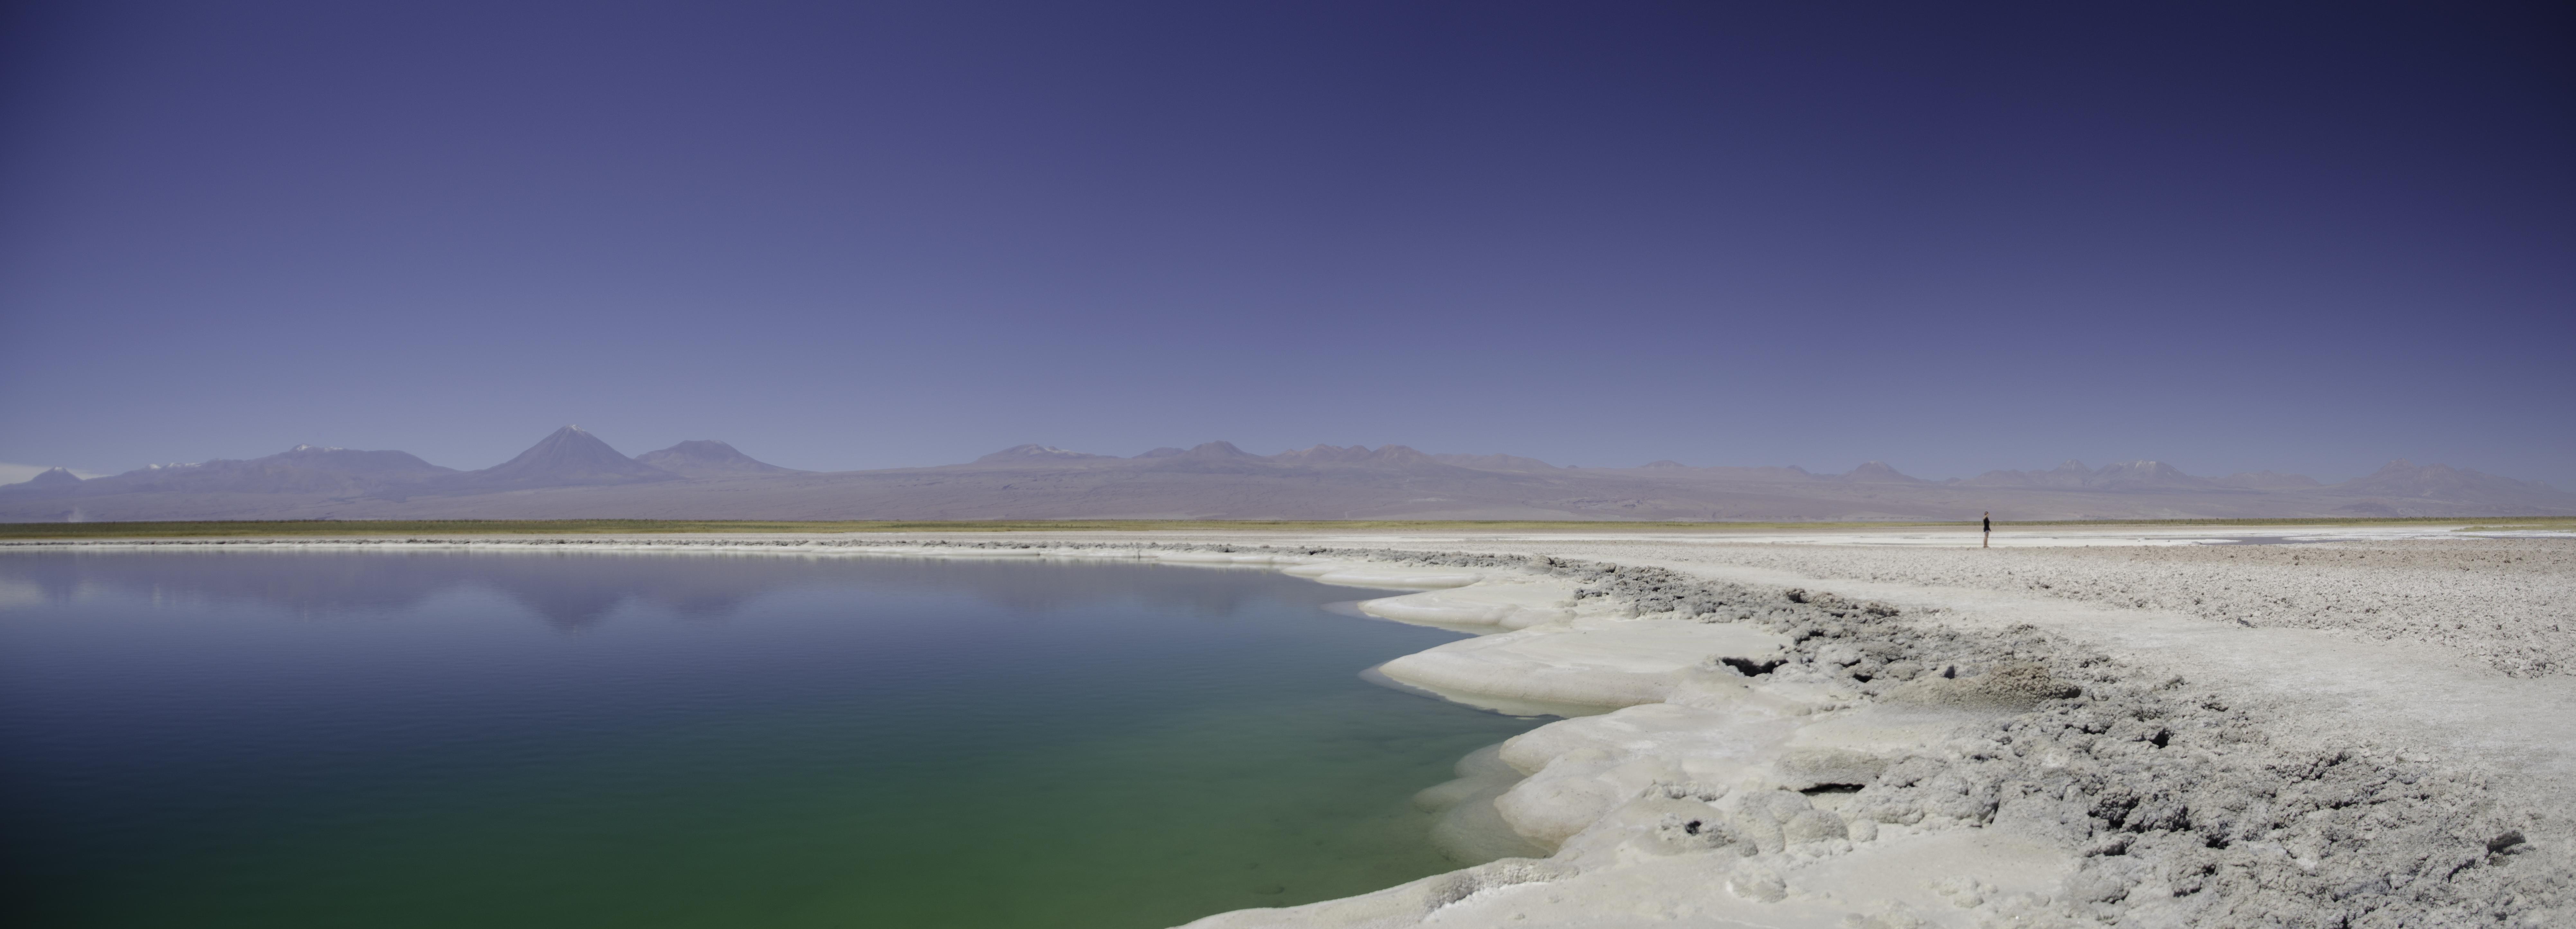 Altiplanic lagoons in Atacama desert